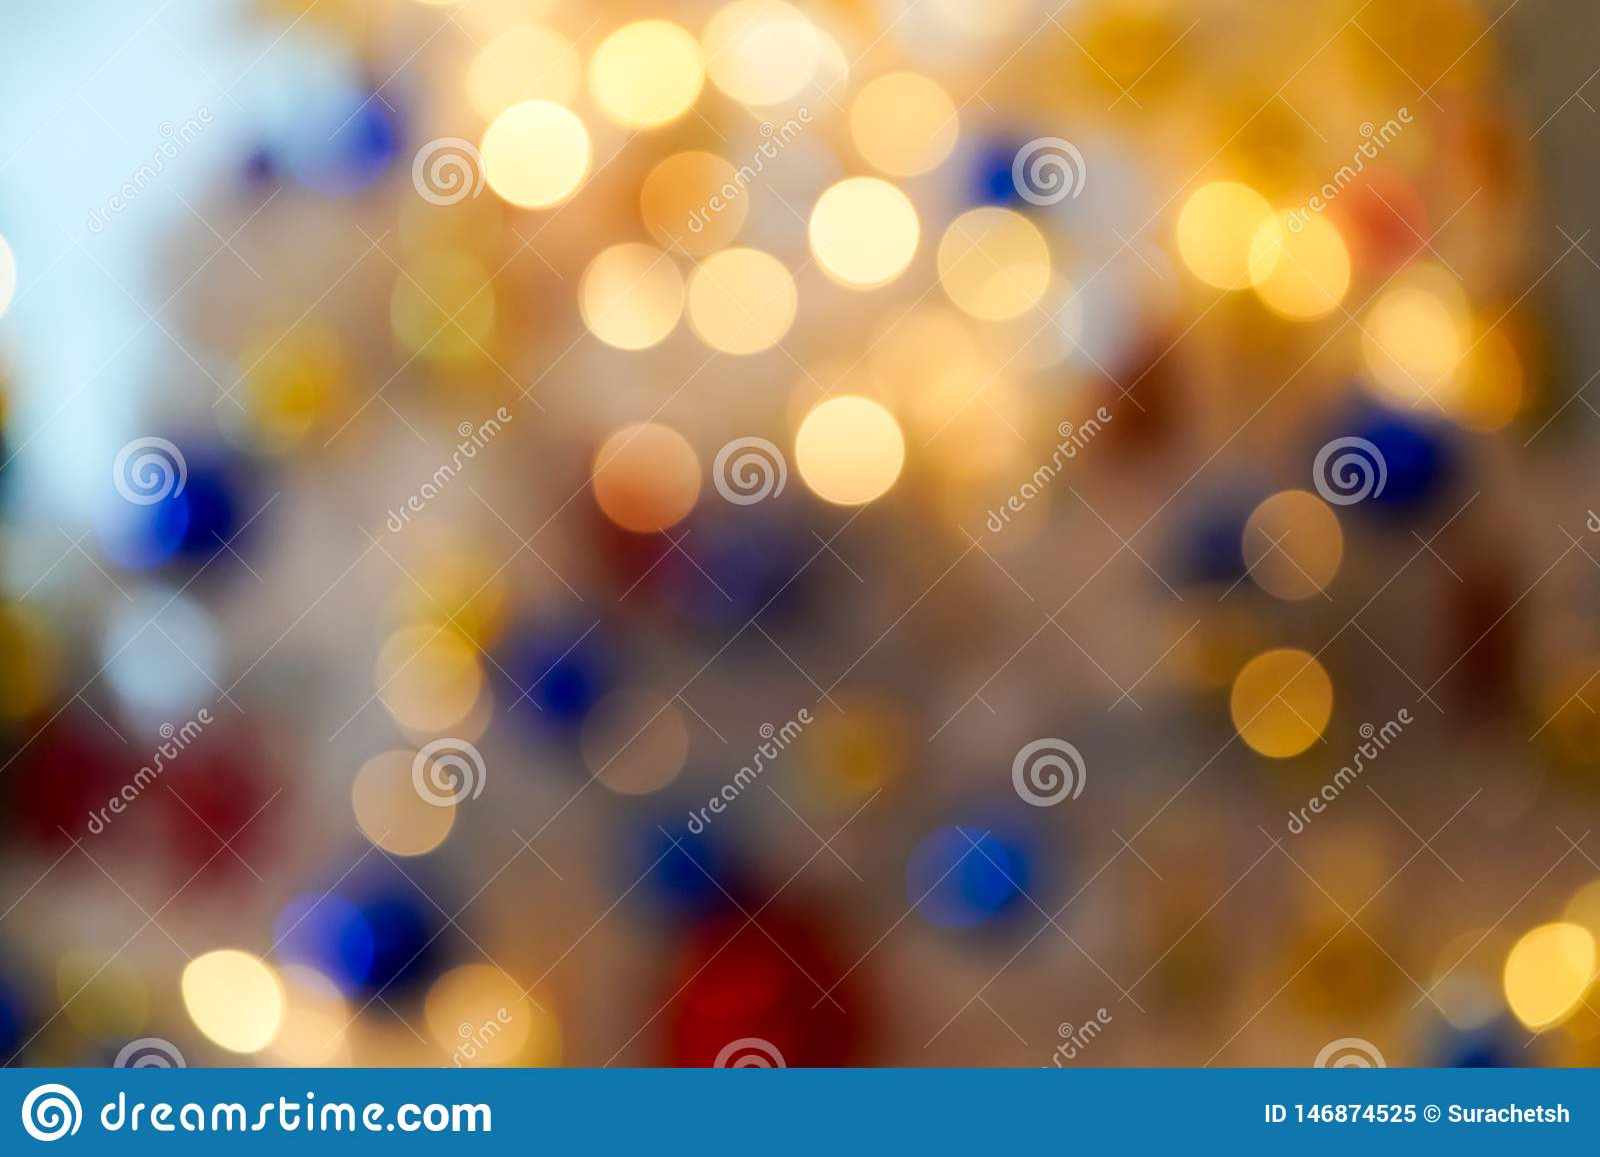 Ζωηρόχρωμος & όμορφος μουτζουρωμένος κύκλος bokeh, από το υπόβαθρο εστίασης στην έννοια και το θέμα Χριστουγέννων